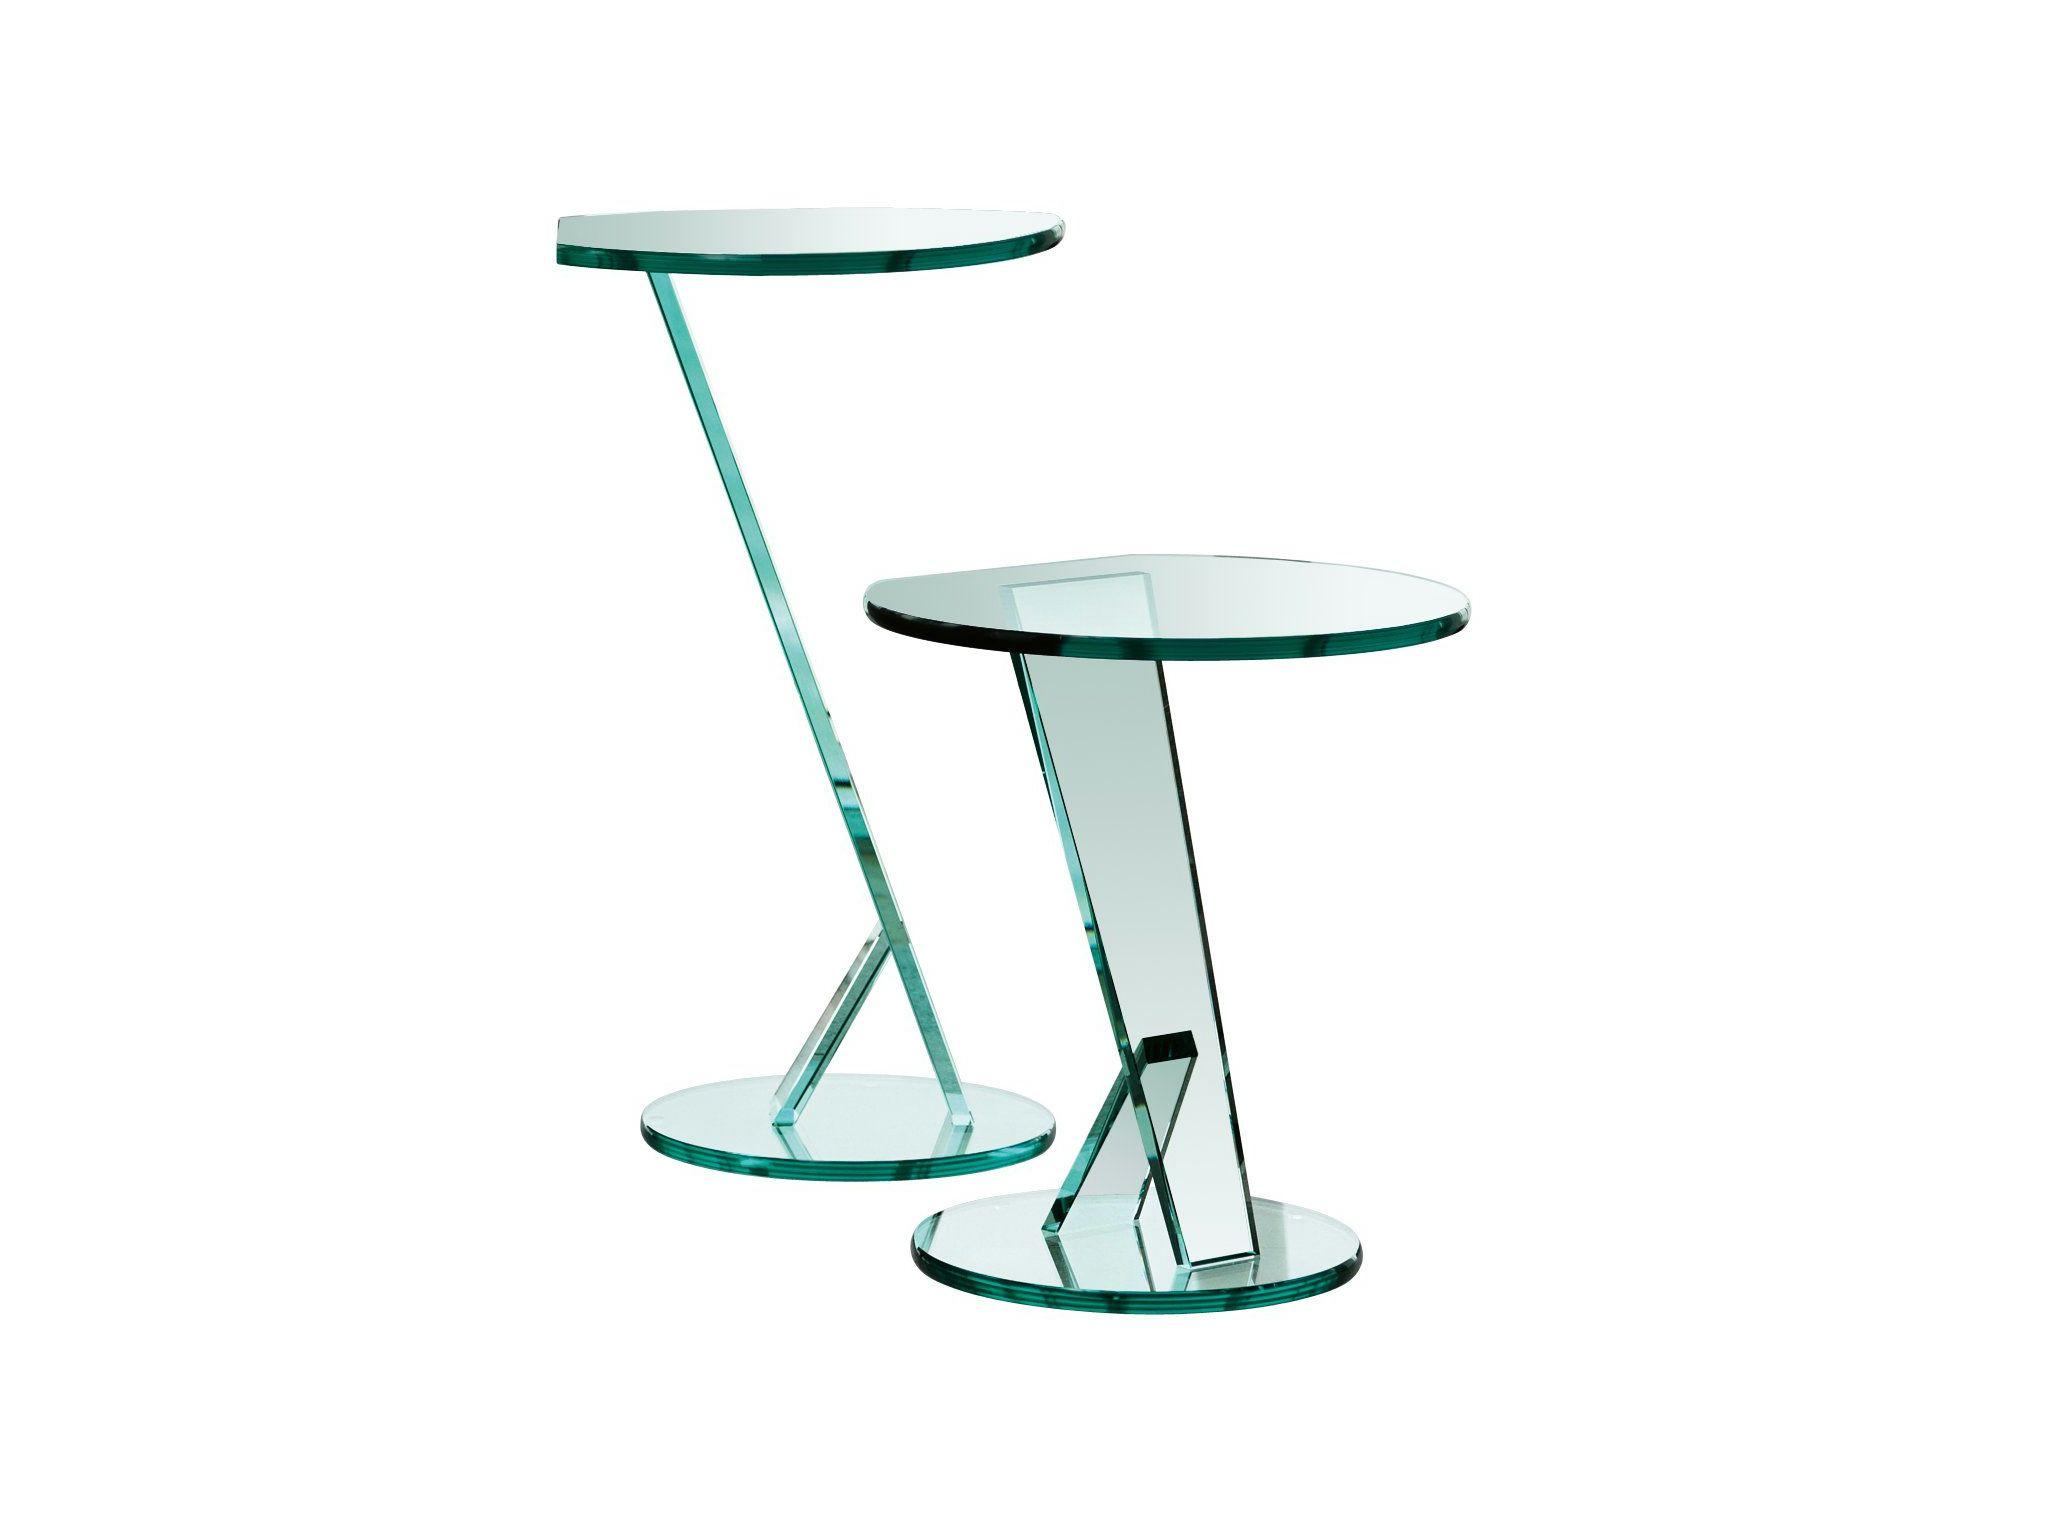 Beistelltisch aus Glas NICCHIO by T.D. Tonelli Design